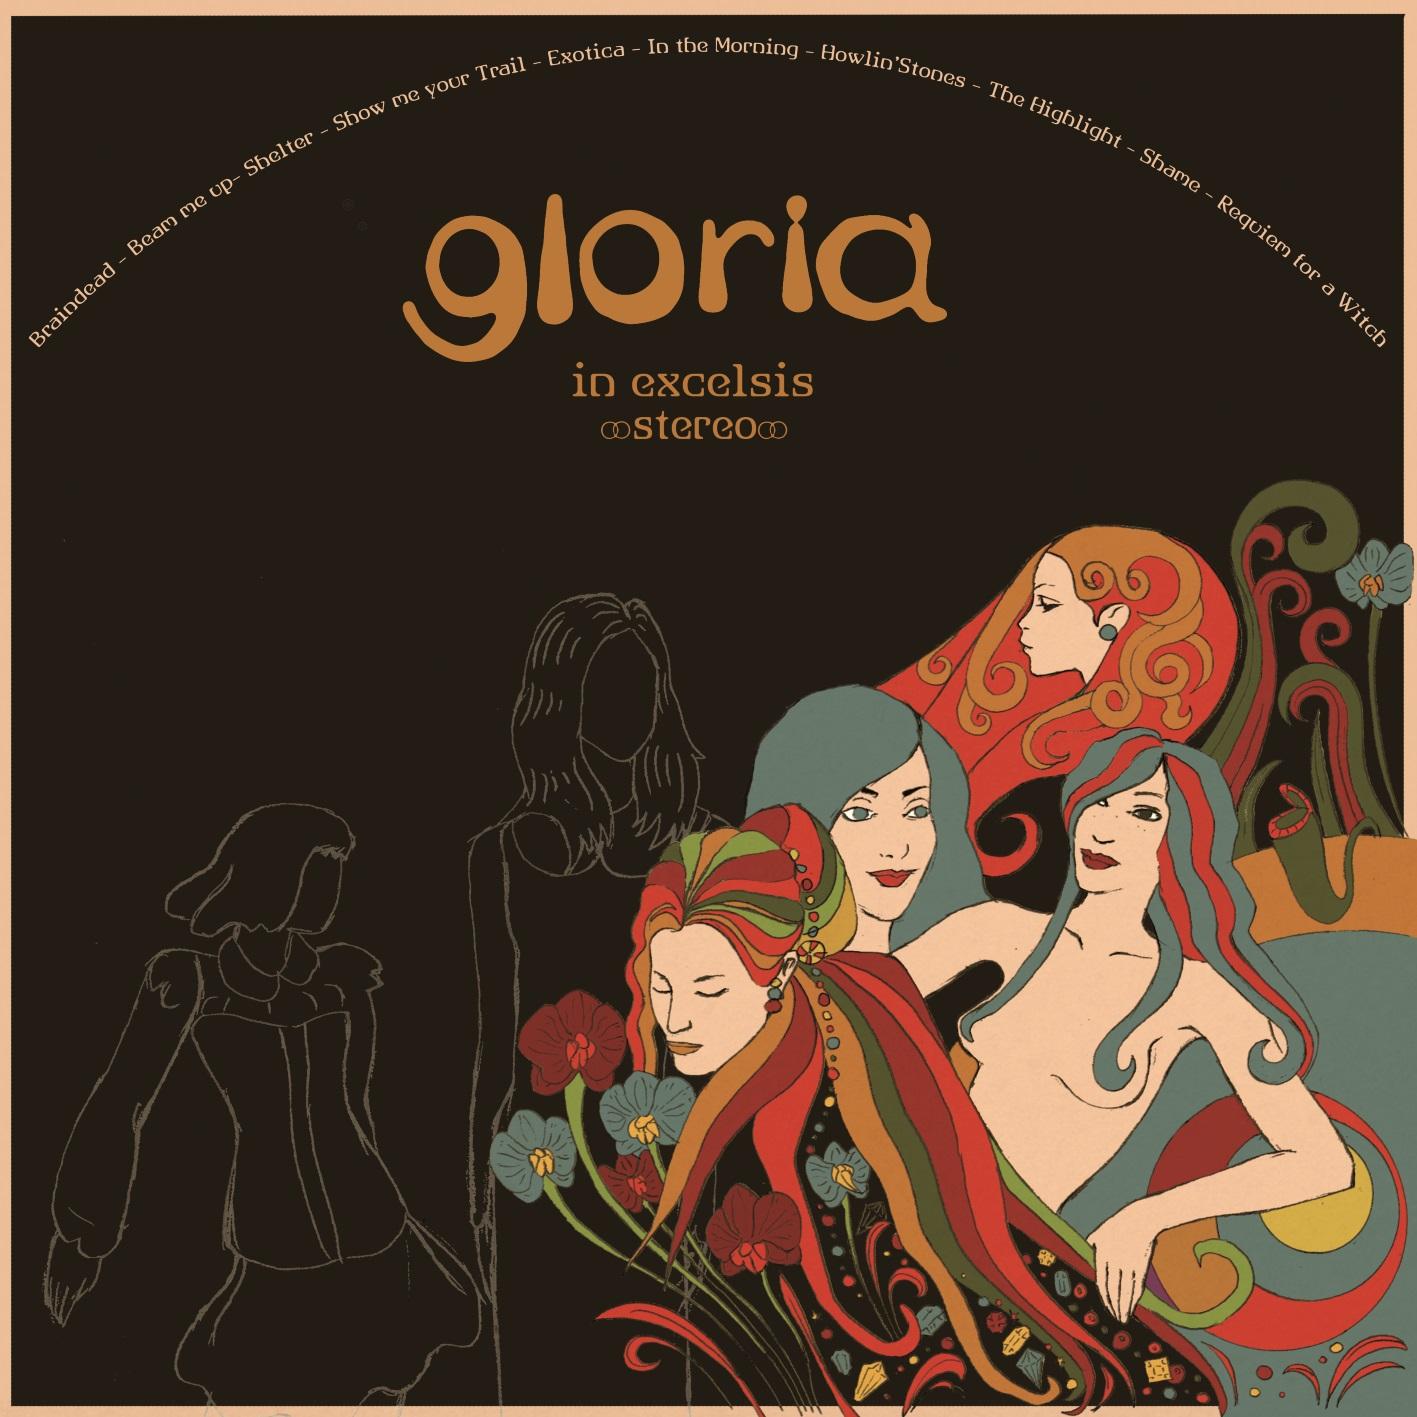 gloria lp cover